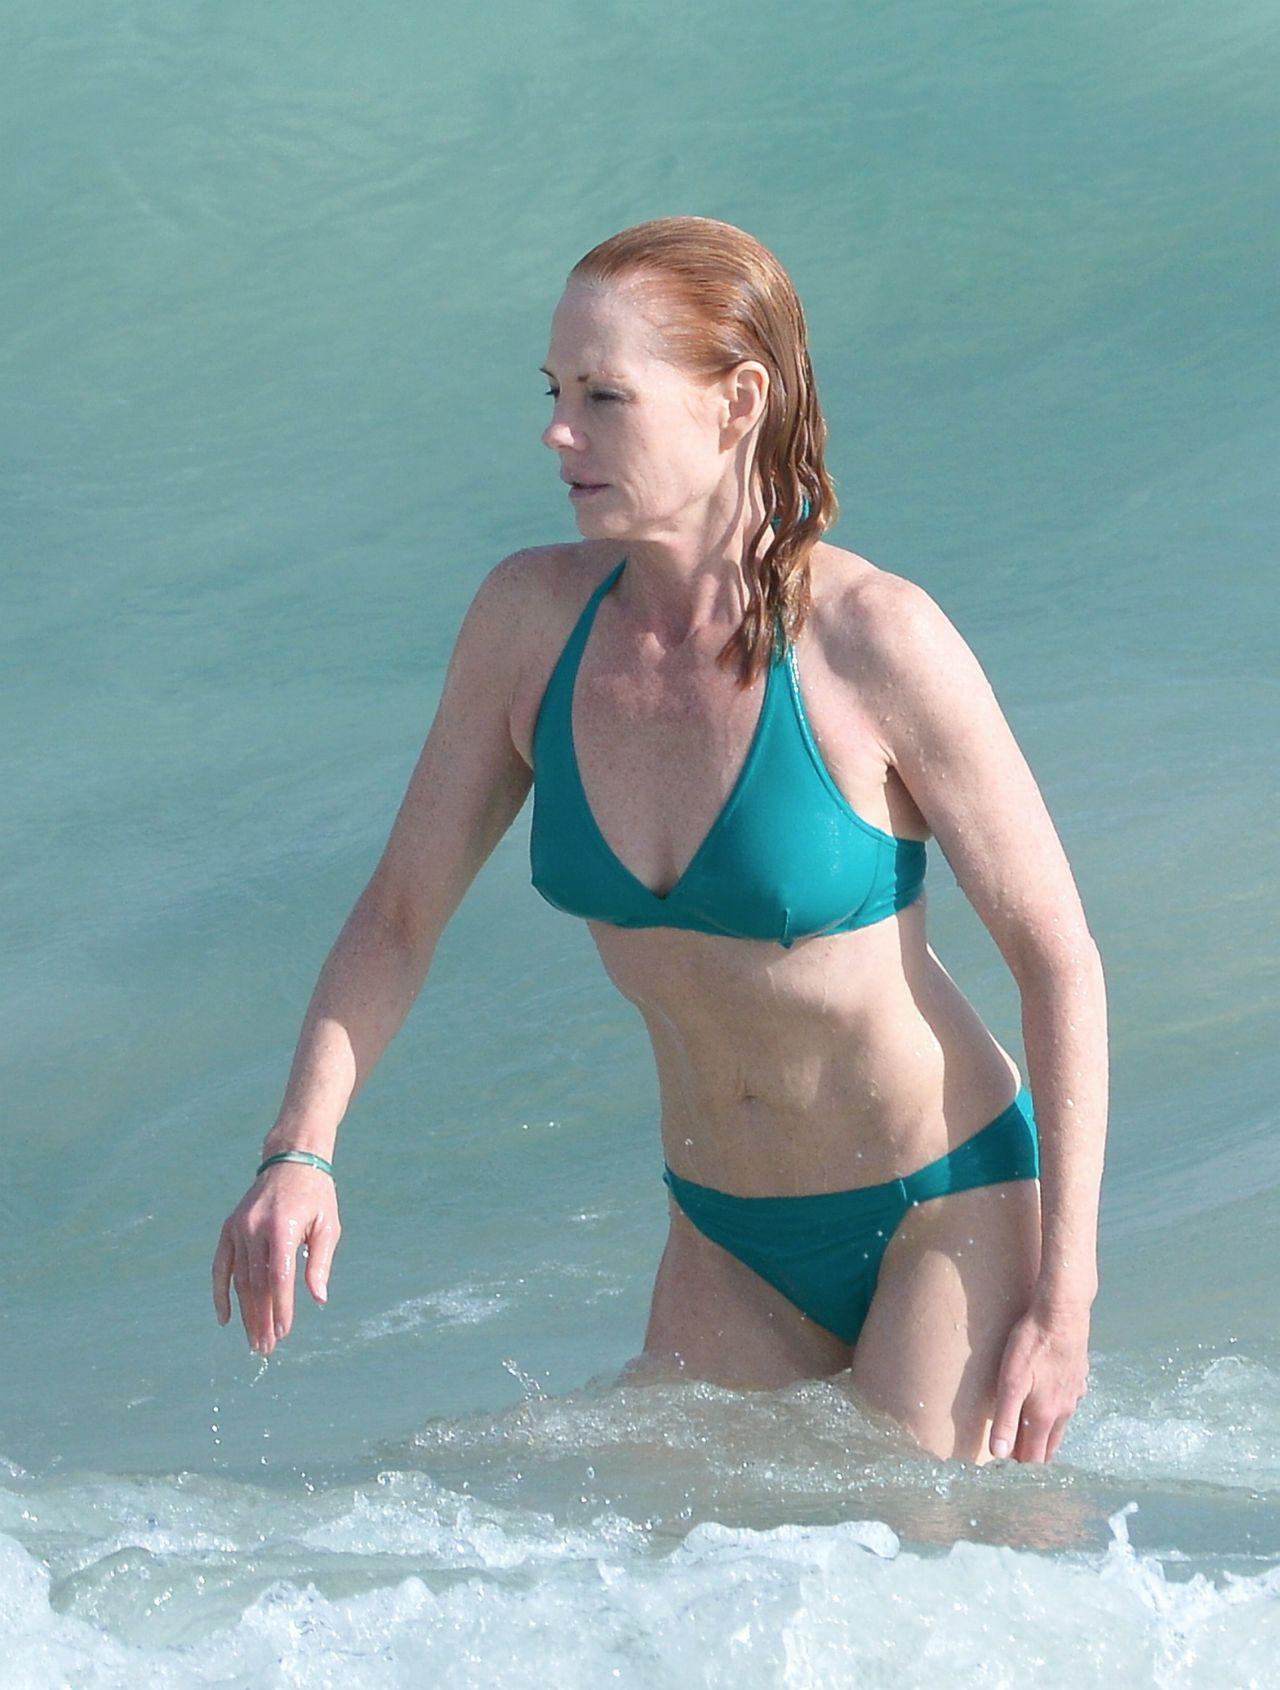 Marg Helgenberger In A Bikini